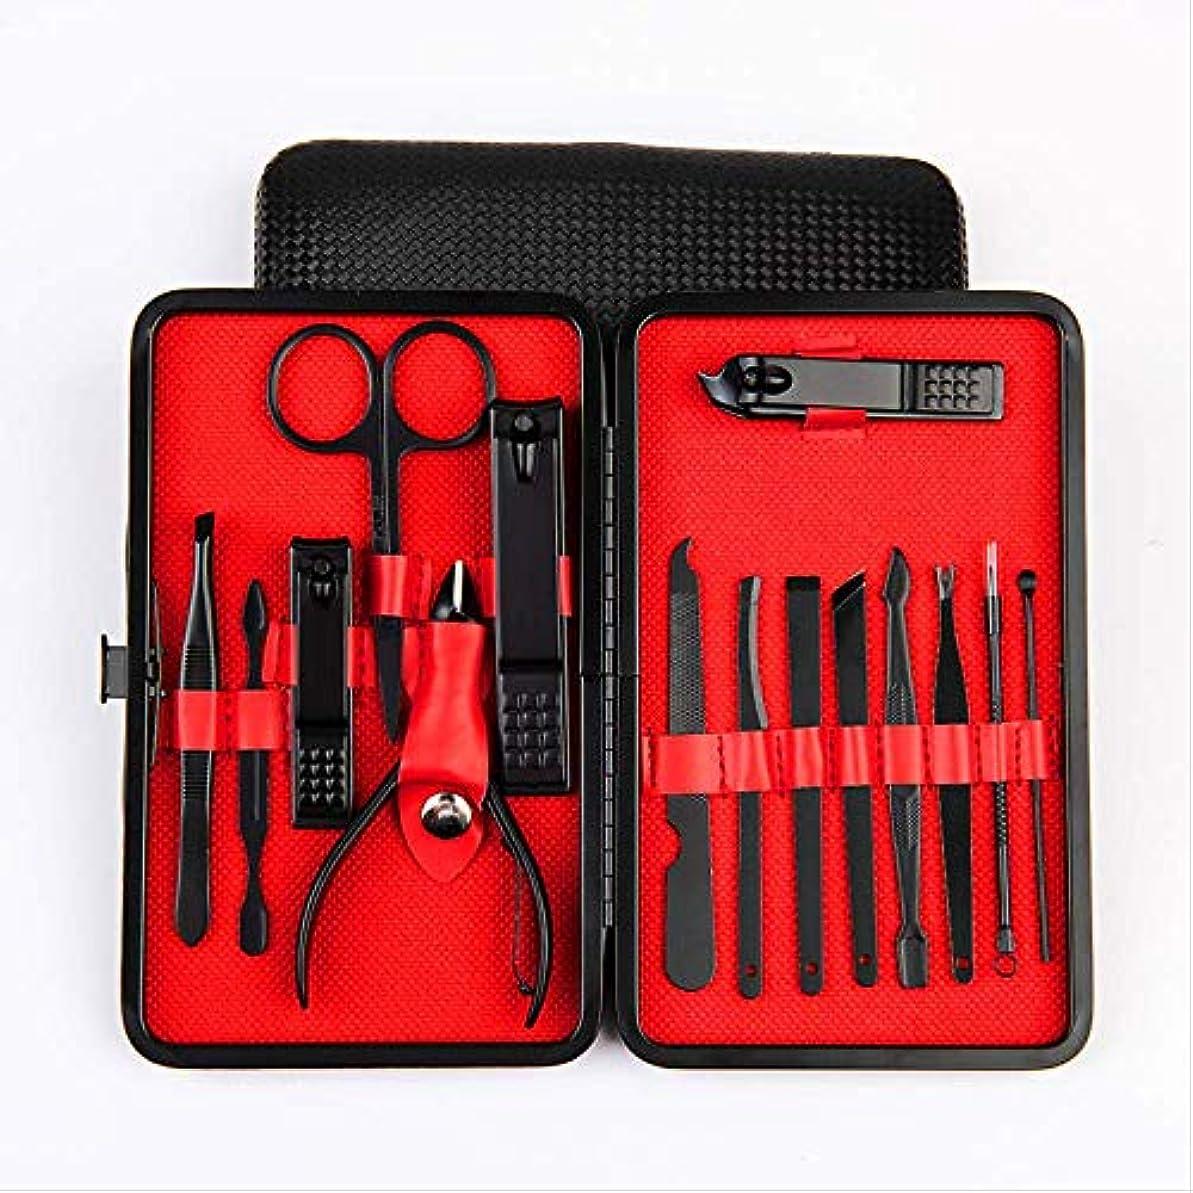 産地節約する普通に爪切りセット16ピースペディキュアナイフ美容プライヤー爪ツール 7197H(15個セット)